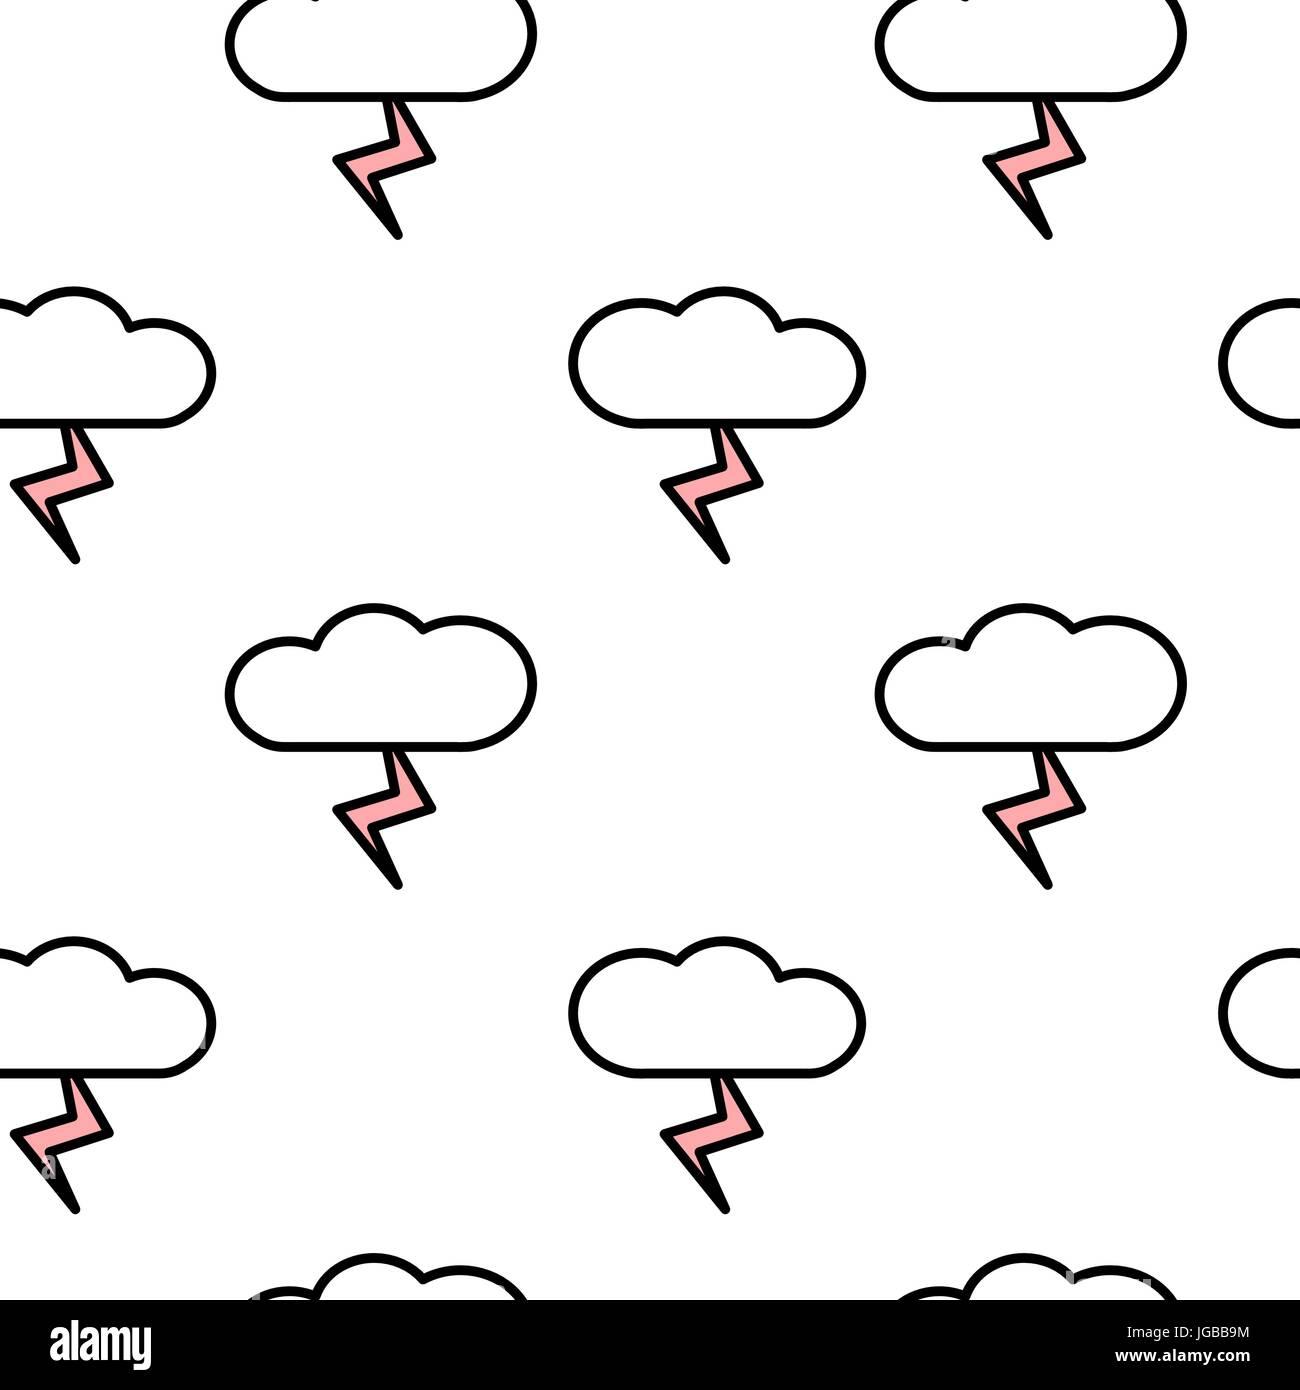 Abstract Di Nero Rosa Bianco Seamless Disegno Vettoriale